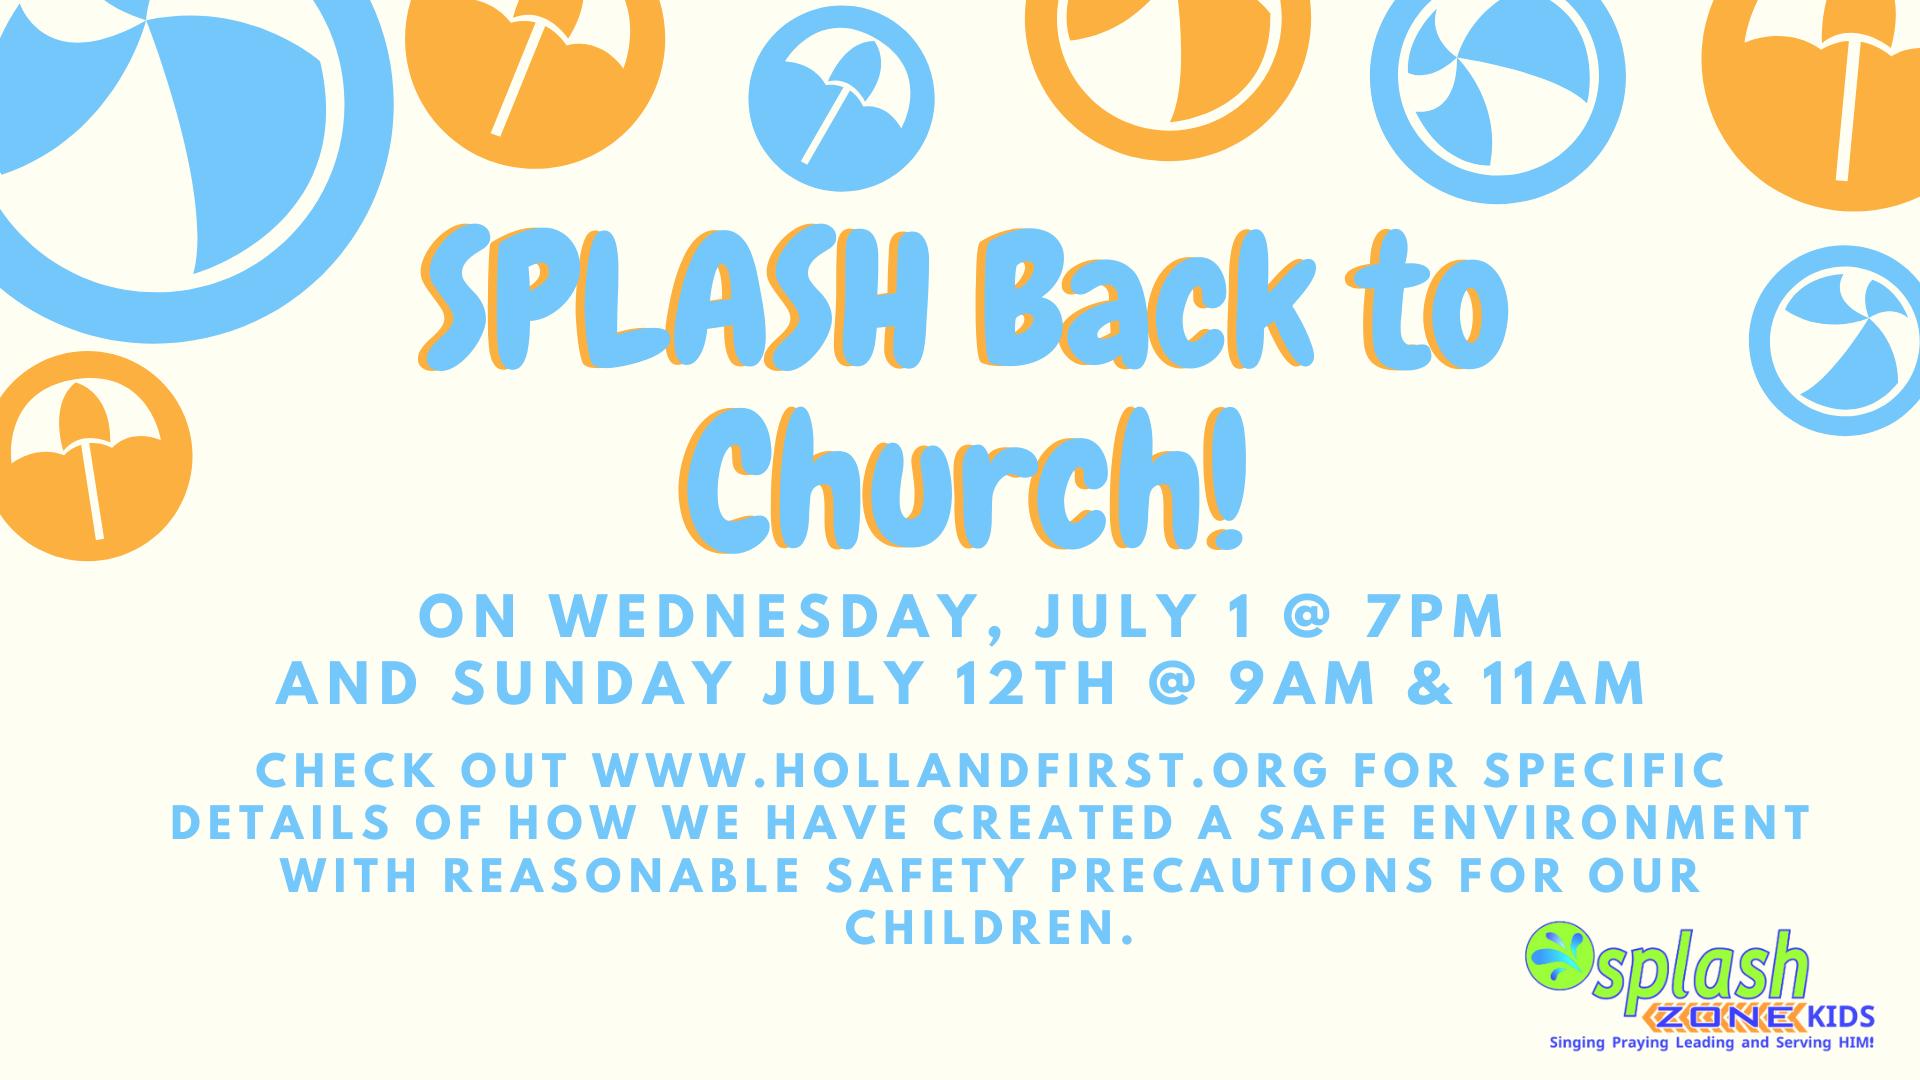 Splash Zone Kids!